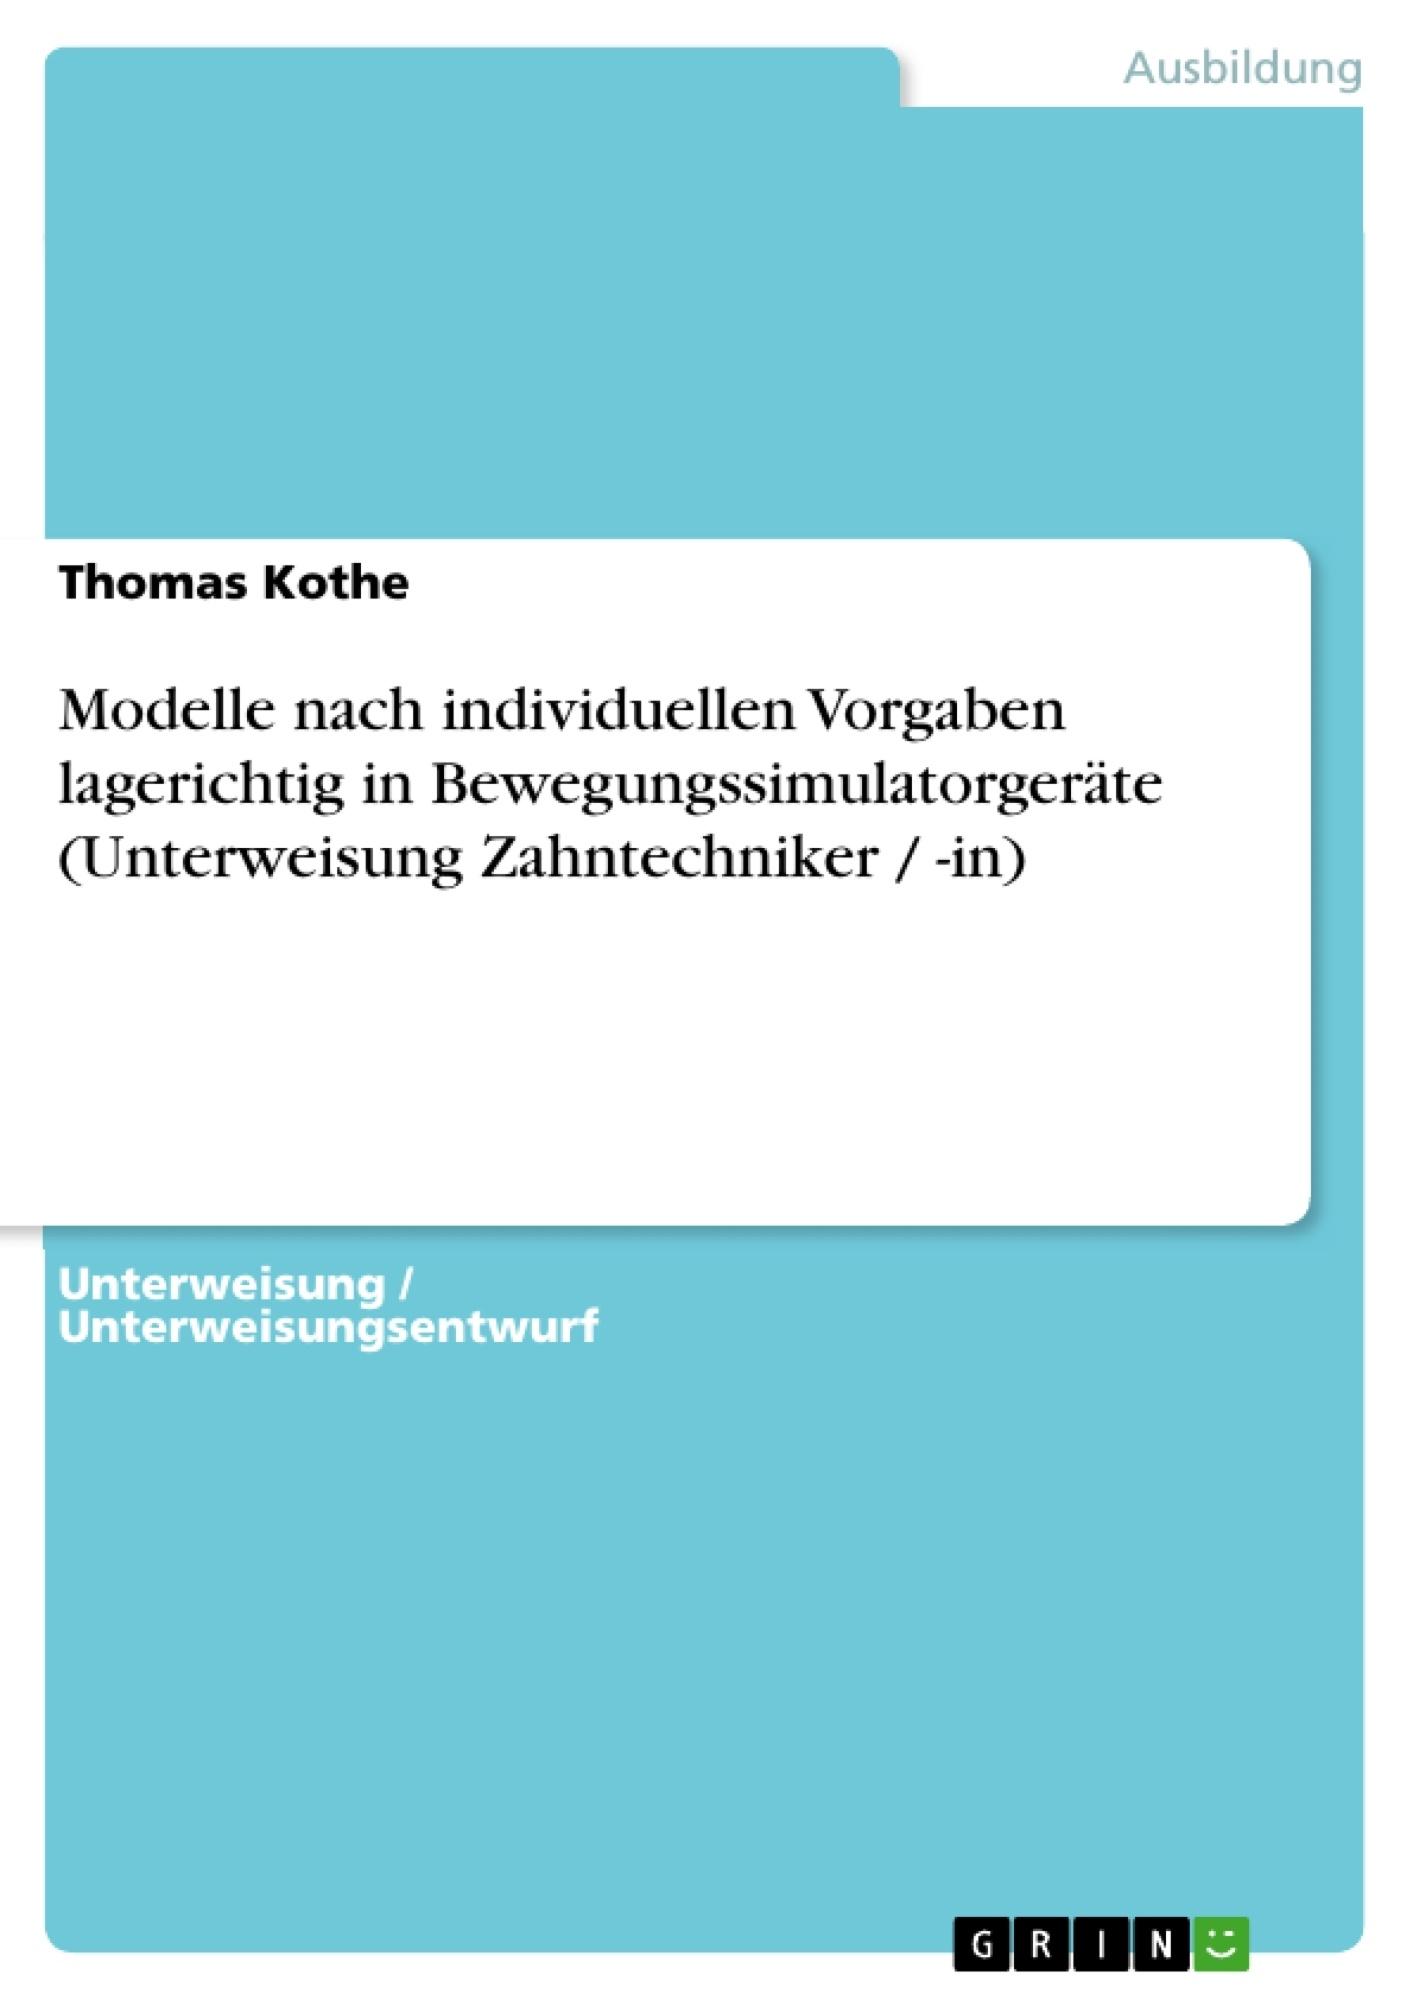 Titel: Modelle nach individuellen Vorgaben lagerichtig in Bewegungssimulatorgeräte (Unterweisung Zahntechniker / -in)